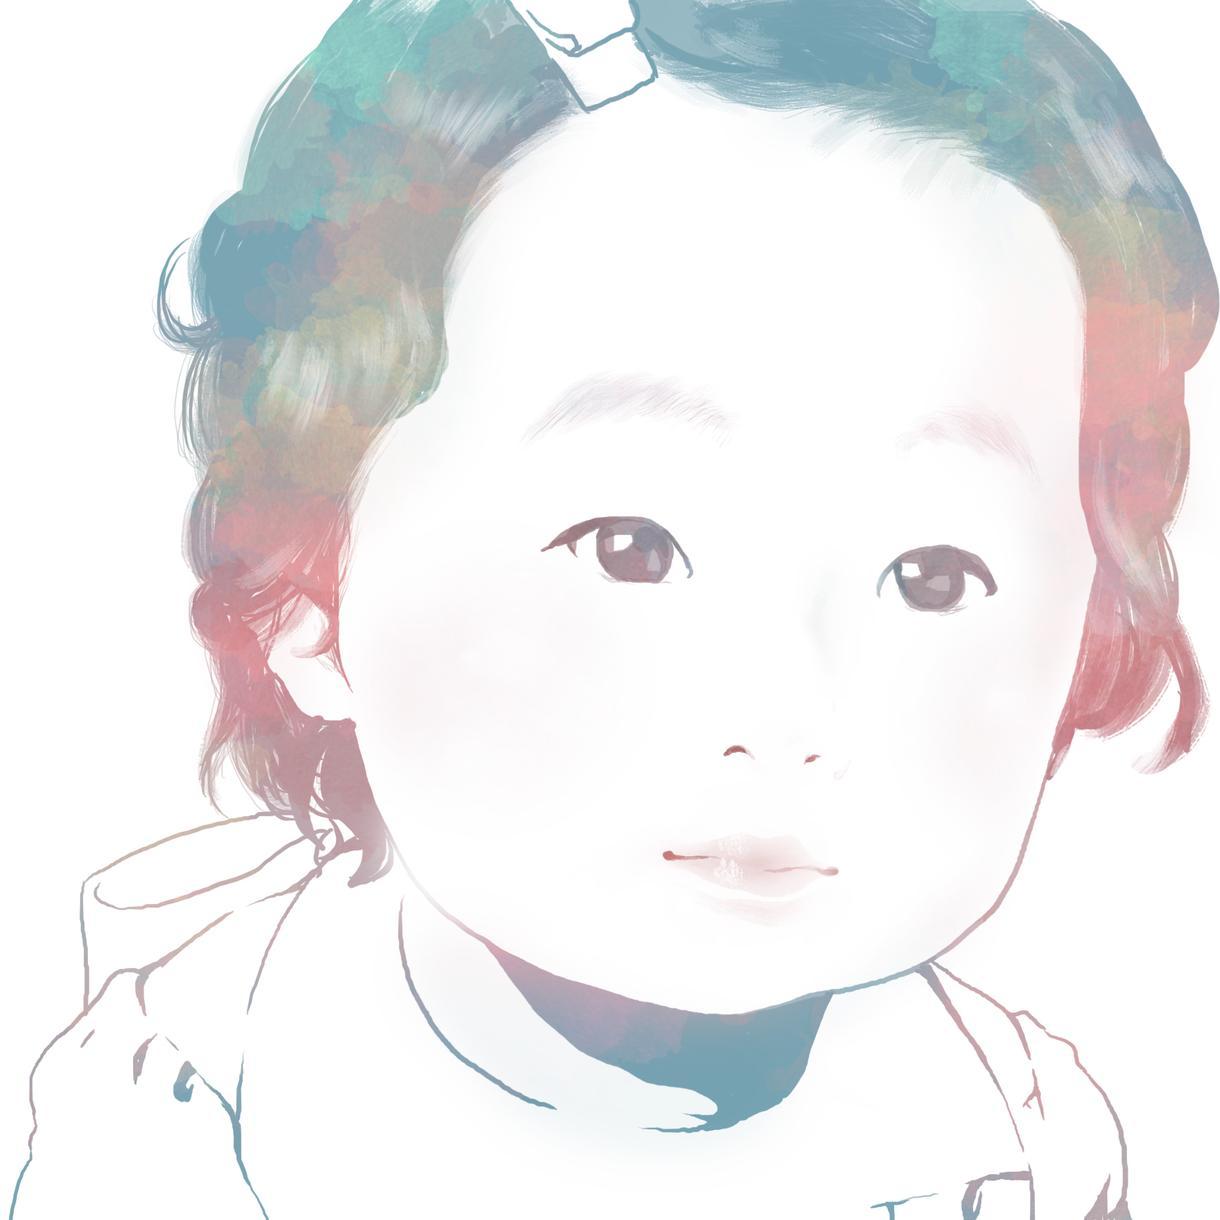 お子さん似顔絵描きます リアルタッチのアイコンを写真から制作